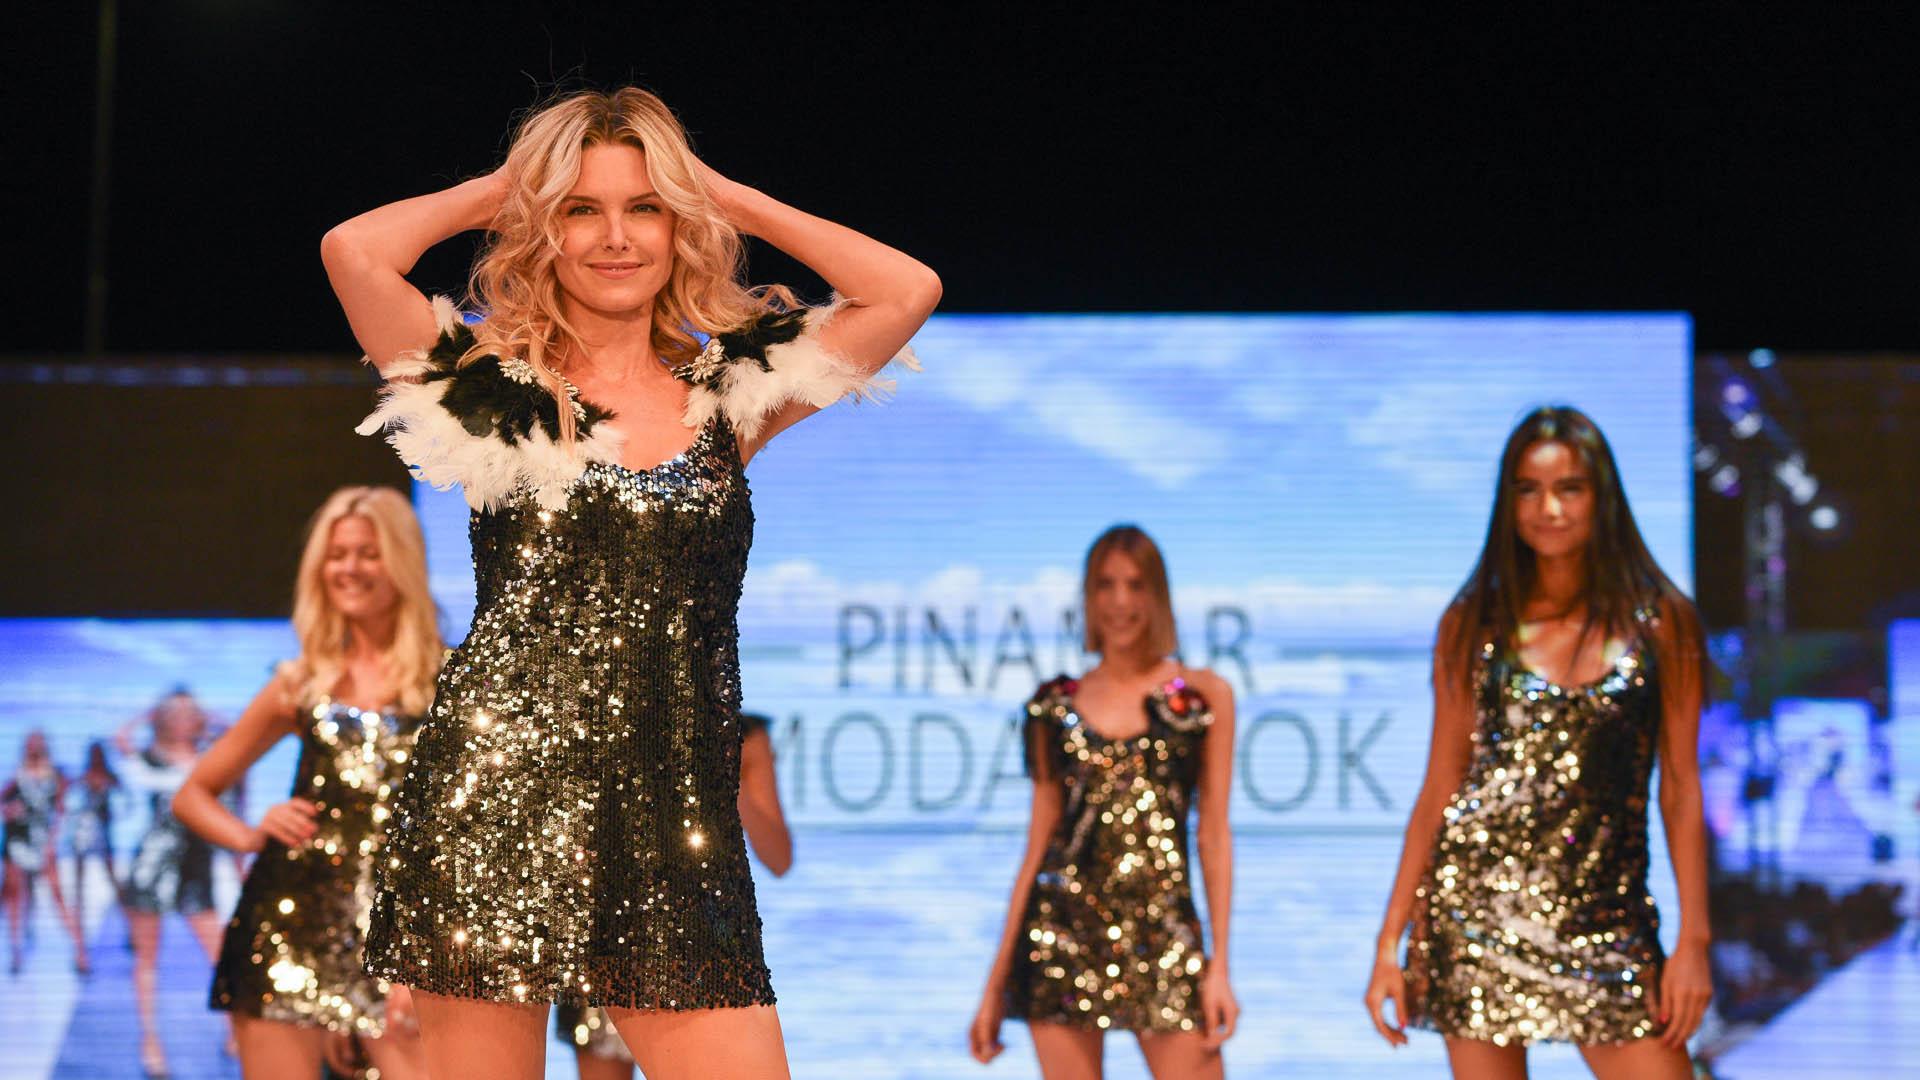 Sofía Zámolo fue la encargada de abrir la pasada de Vip Peluquerías. Todas las modelos lucieron vestidos metalizados, bordados y con plumas, tres tendencias que sin dudas fueron las estrellas del Pinamar Moda Look 2020